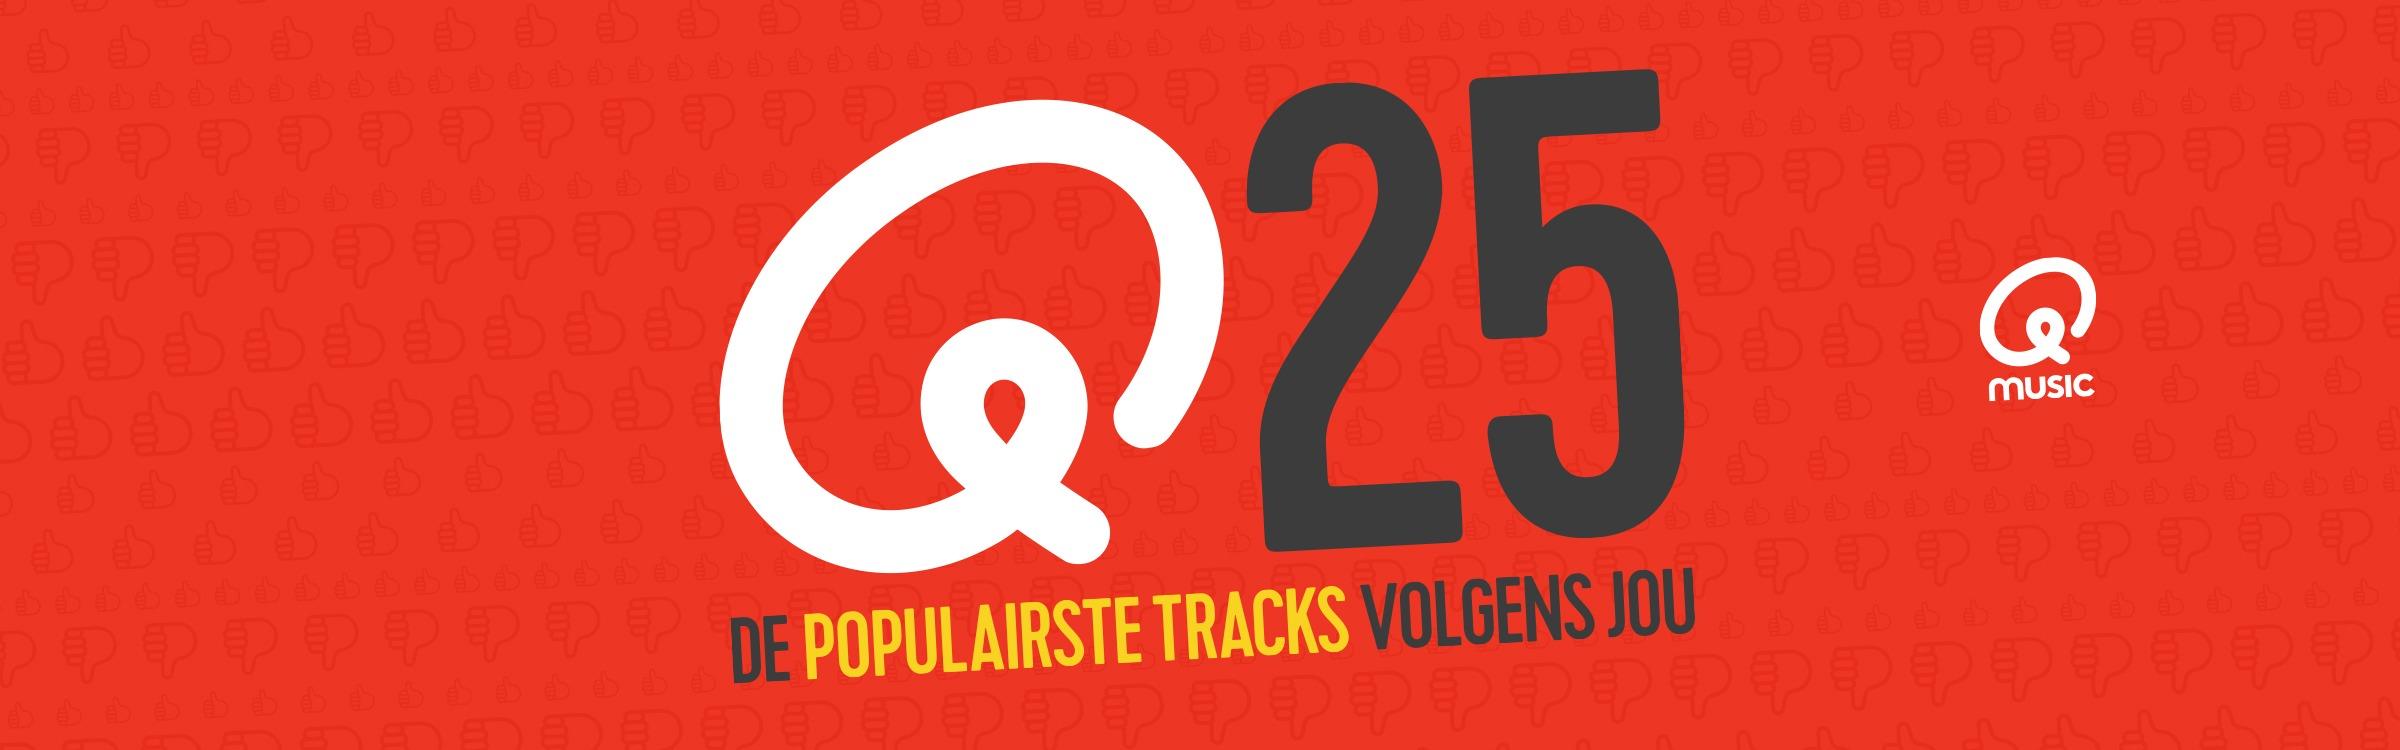 Qmusic actionheader q25